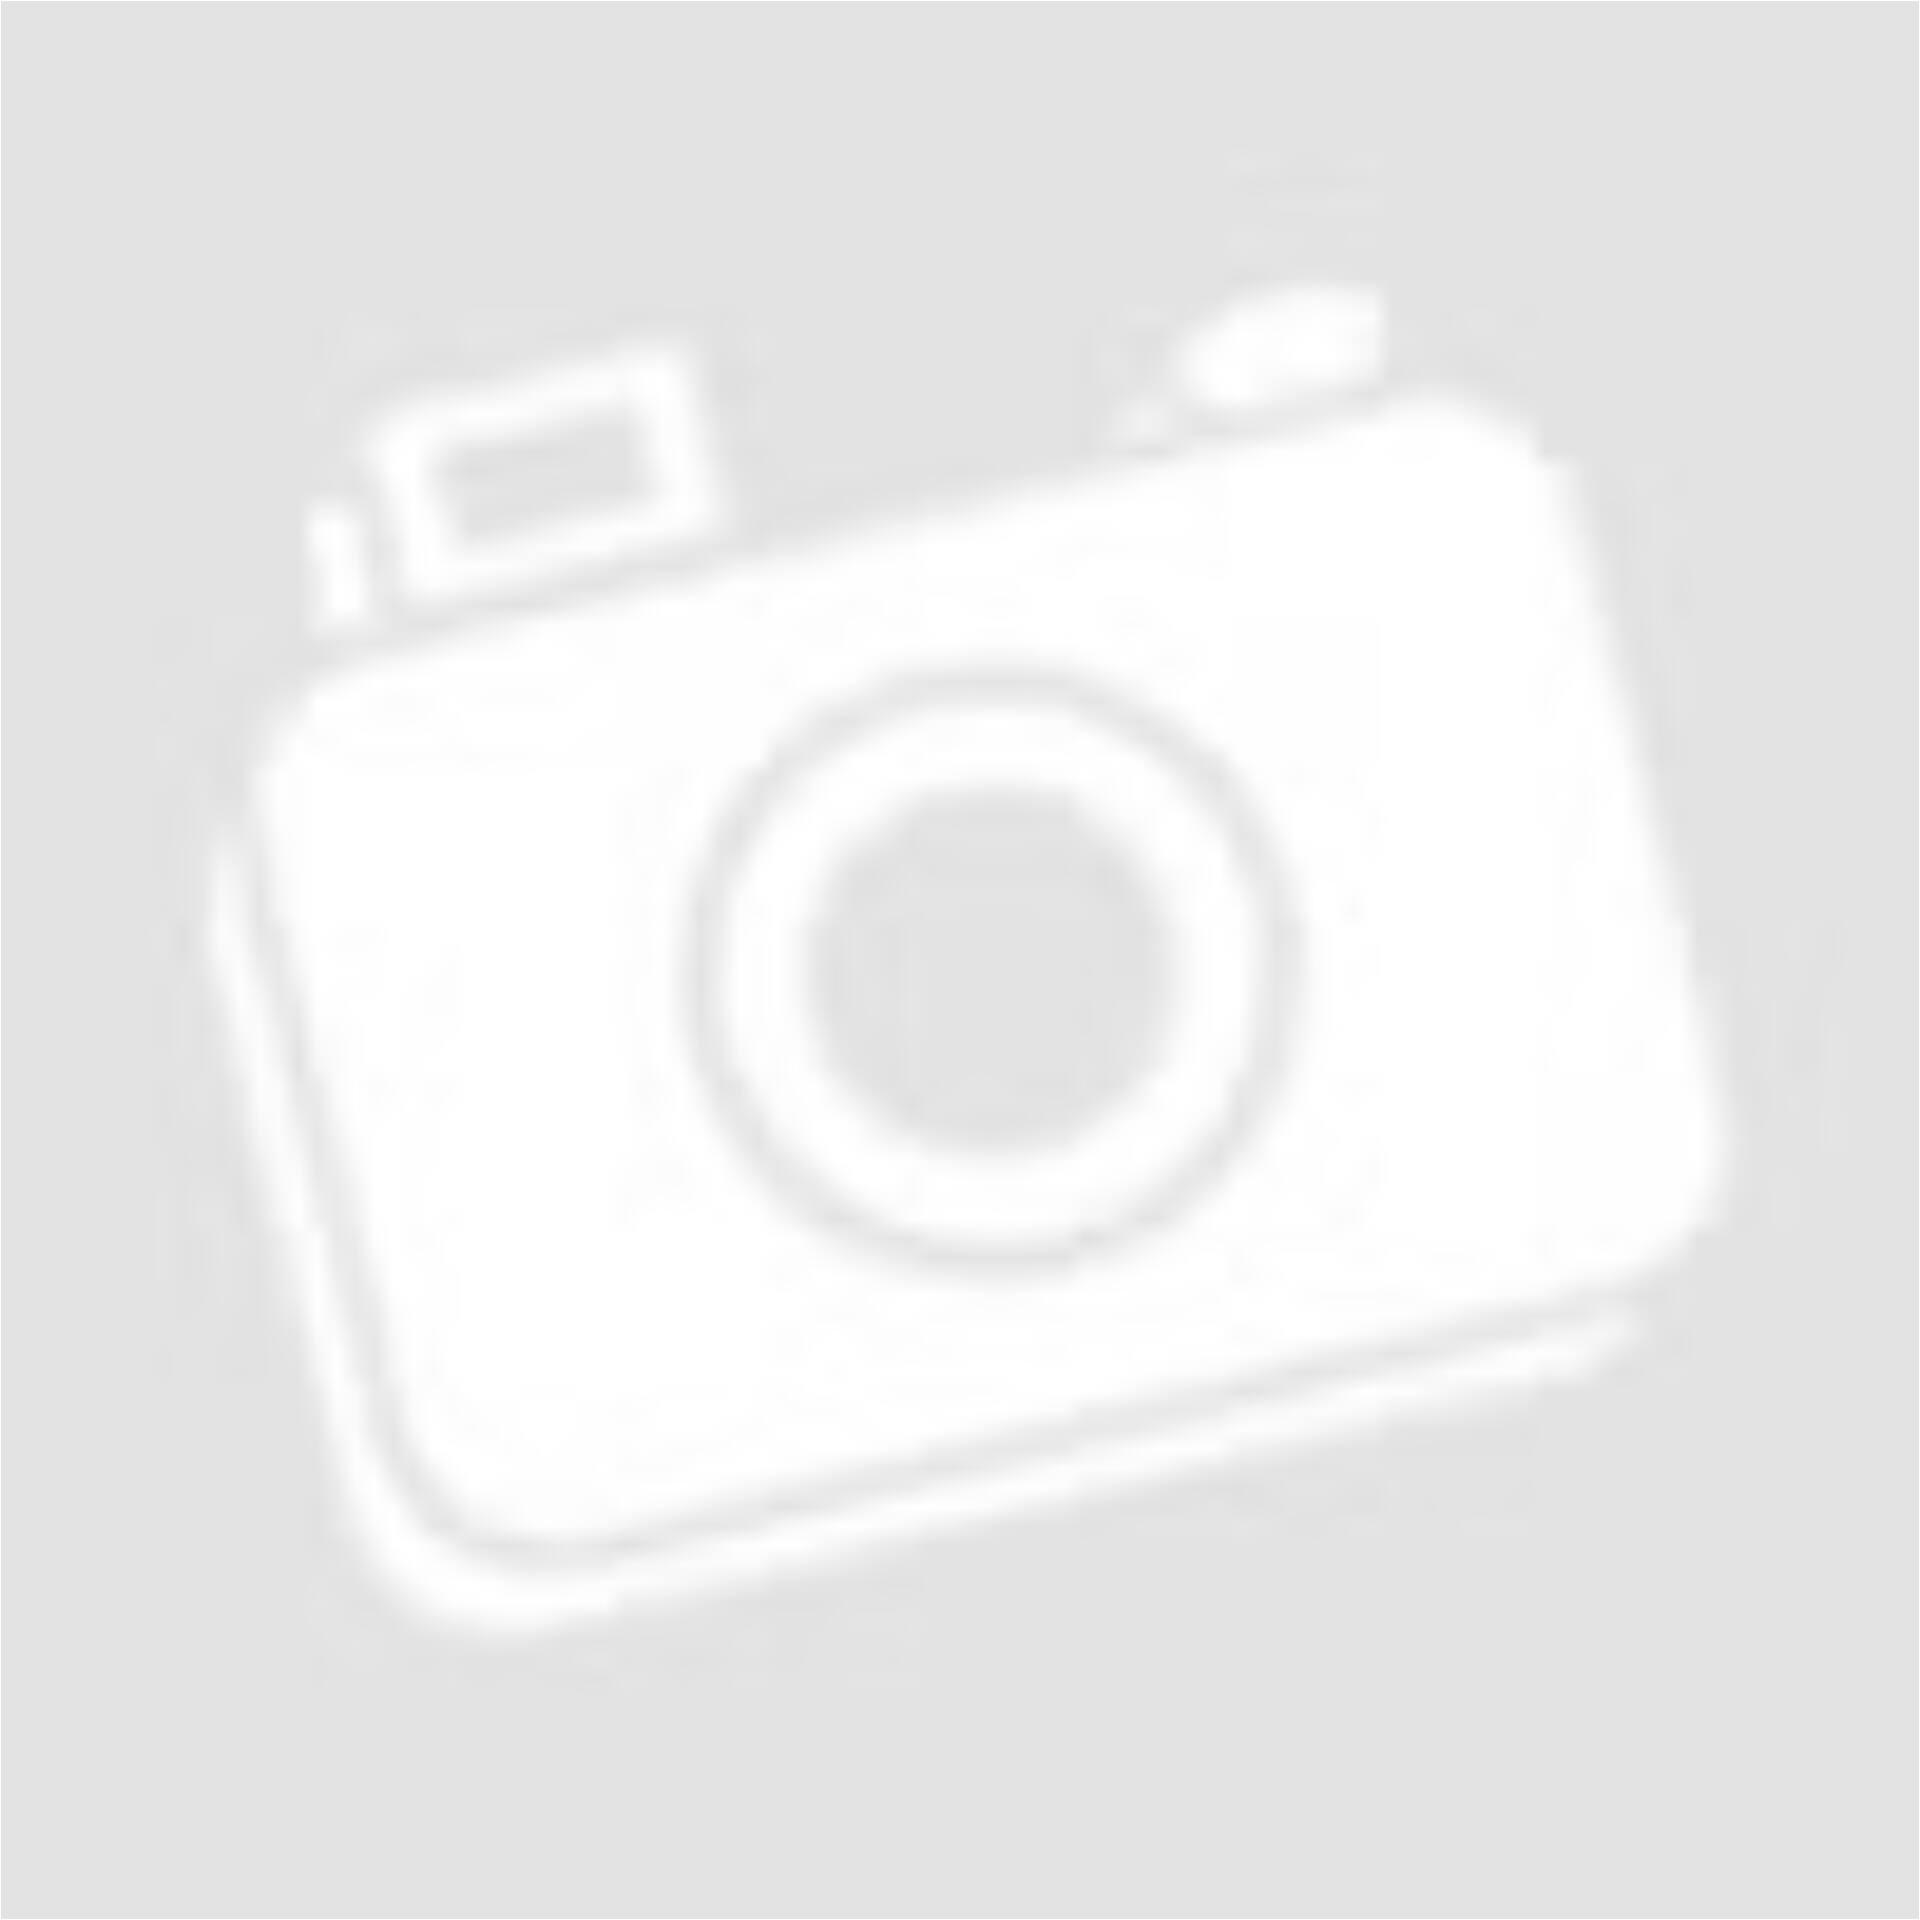 bd4346d7e1 VERO MODA krém színű hosszított kardigán (Méret: S) - Női pulóver ...